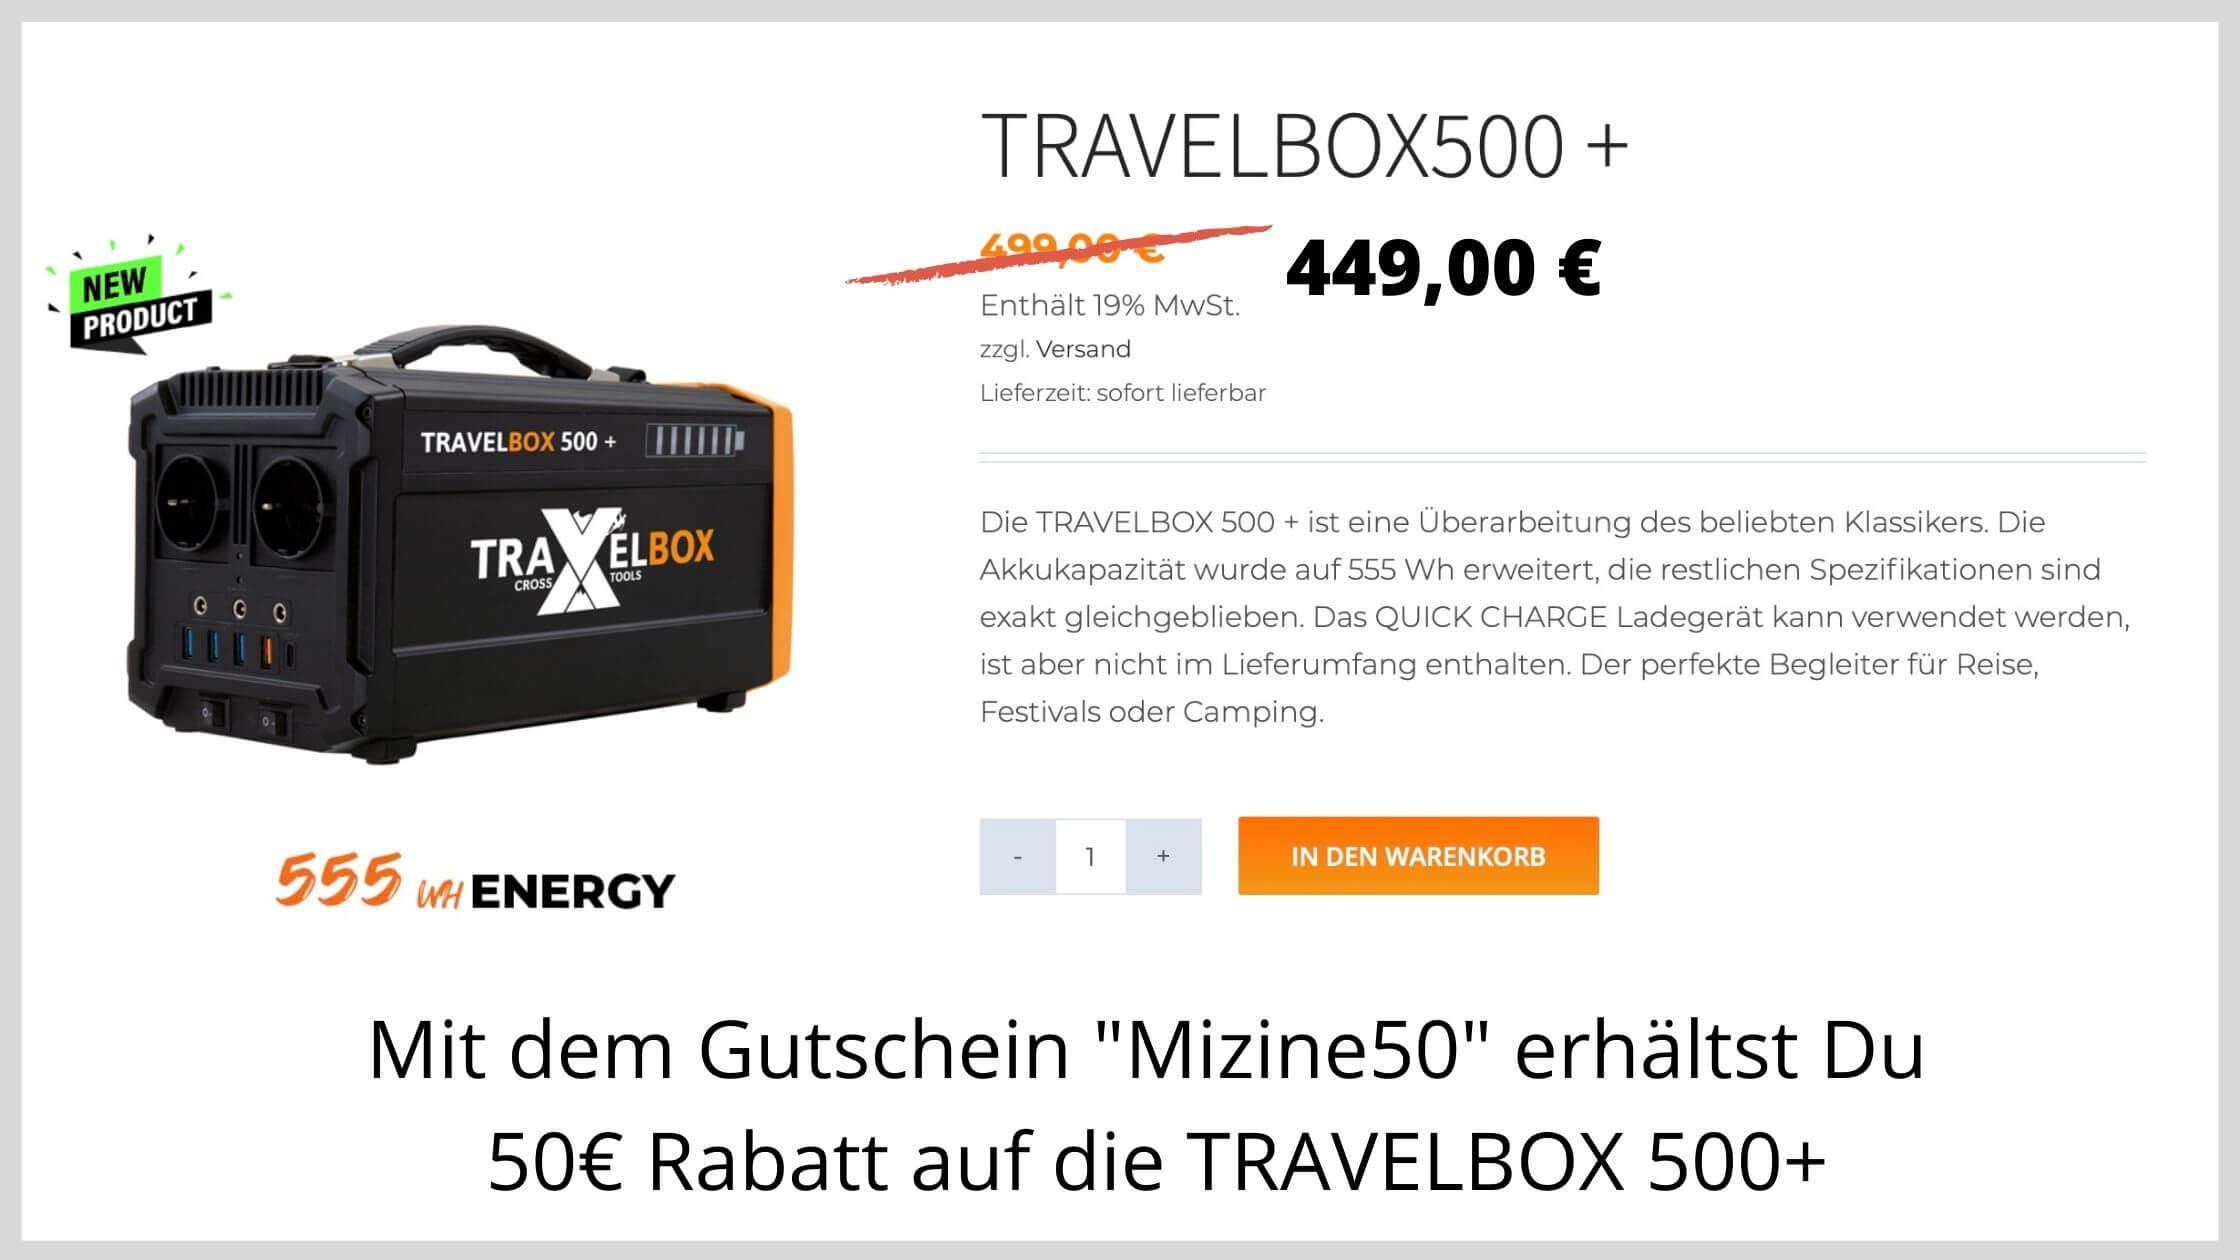 TRAVELBOX 500+ günstig kaufen